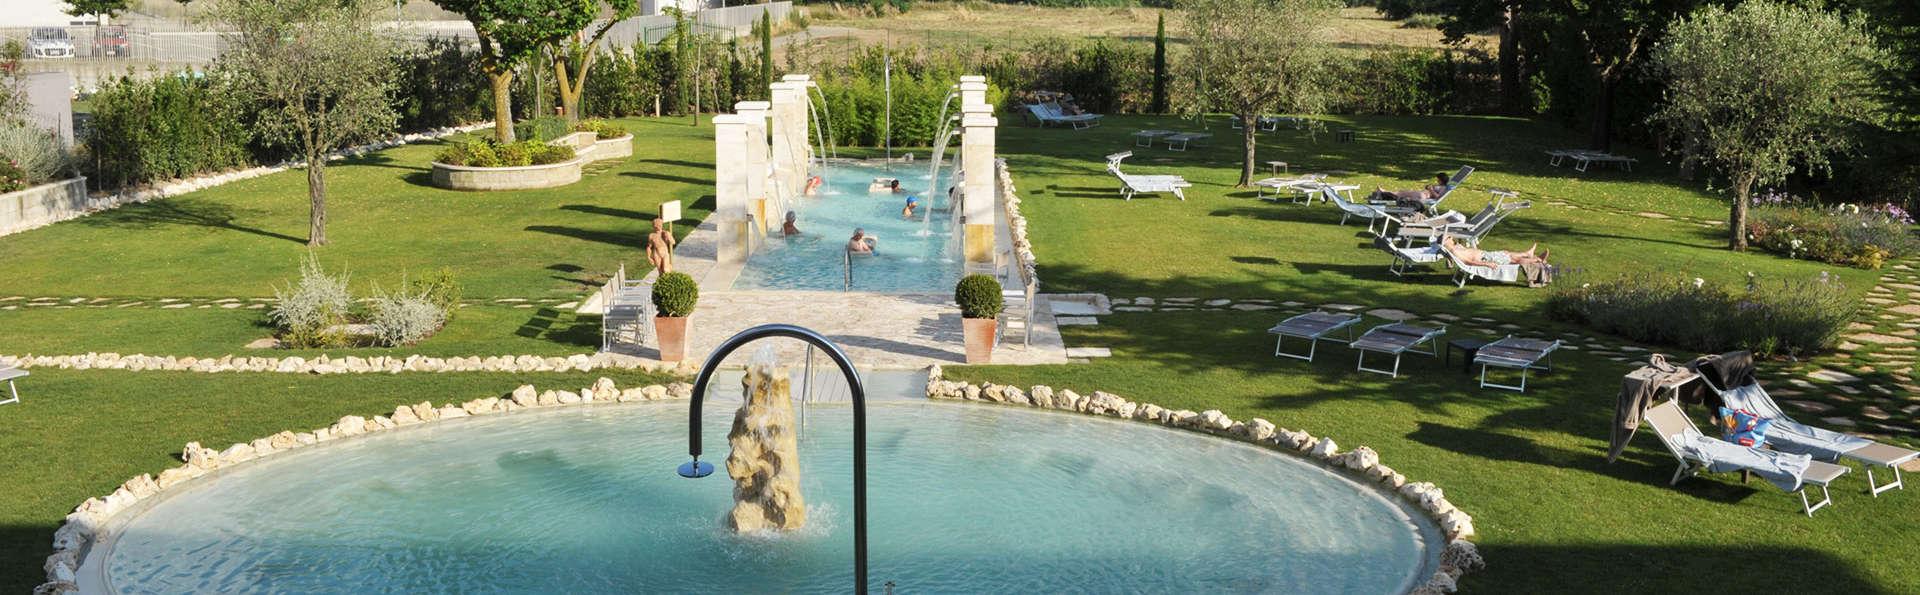 Terme Salus Hotel (Adults Only) - EDIT_pool2.jpg